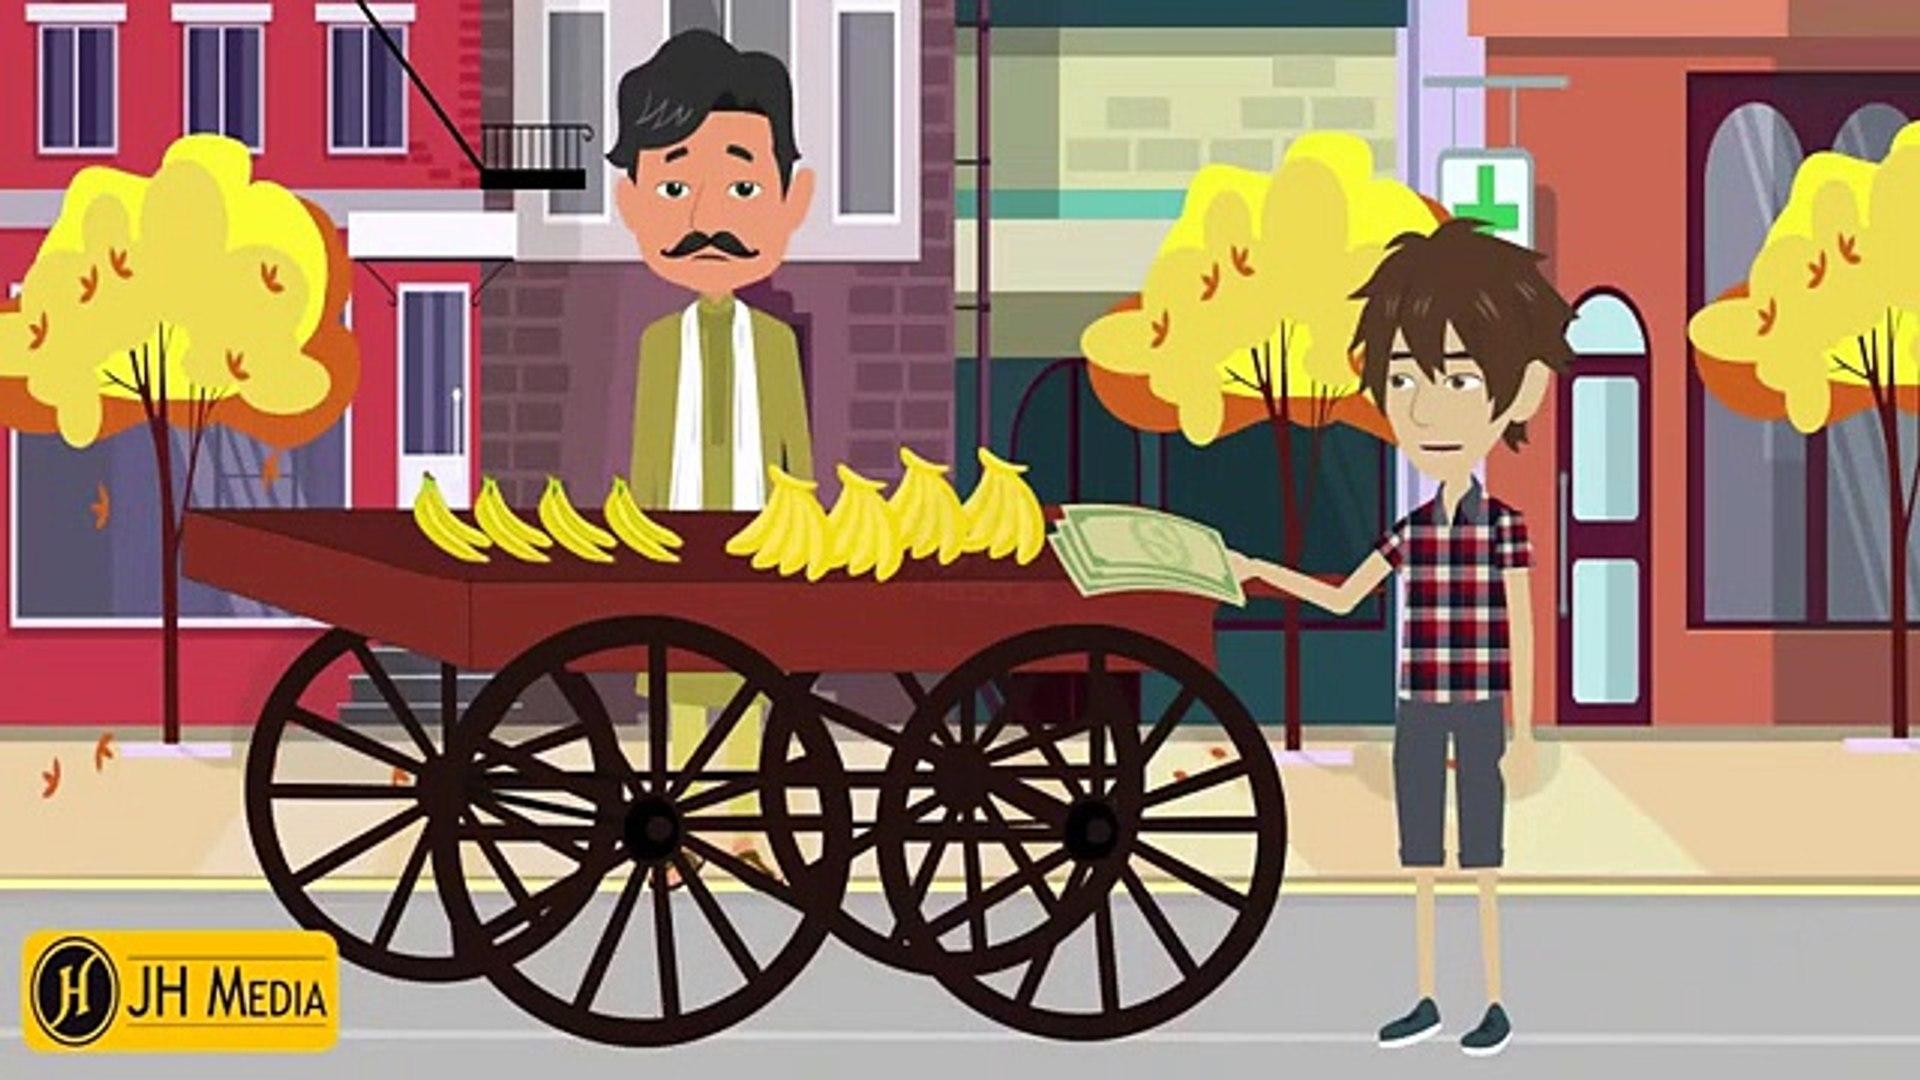 Story of Poor Bagger & Boy - New Urdu Cartoon Stories  - Urdu Story For Kids